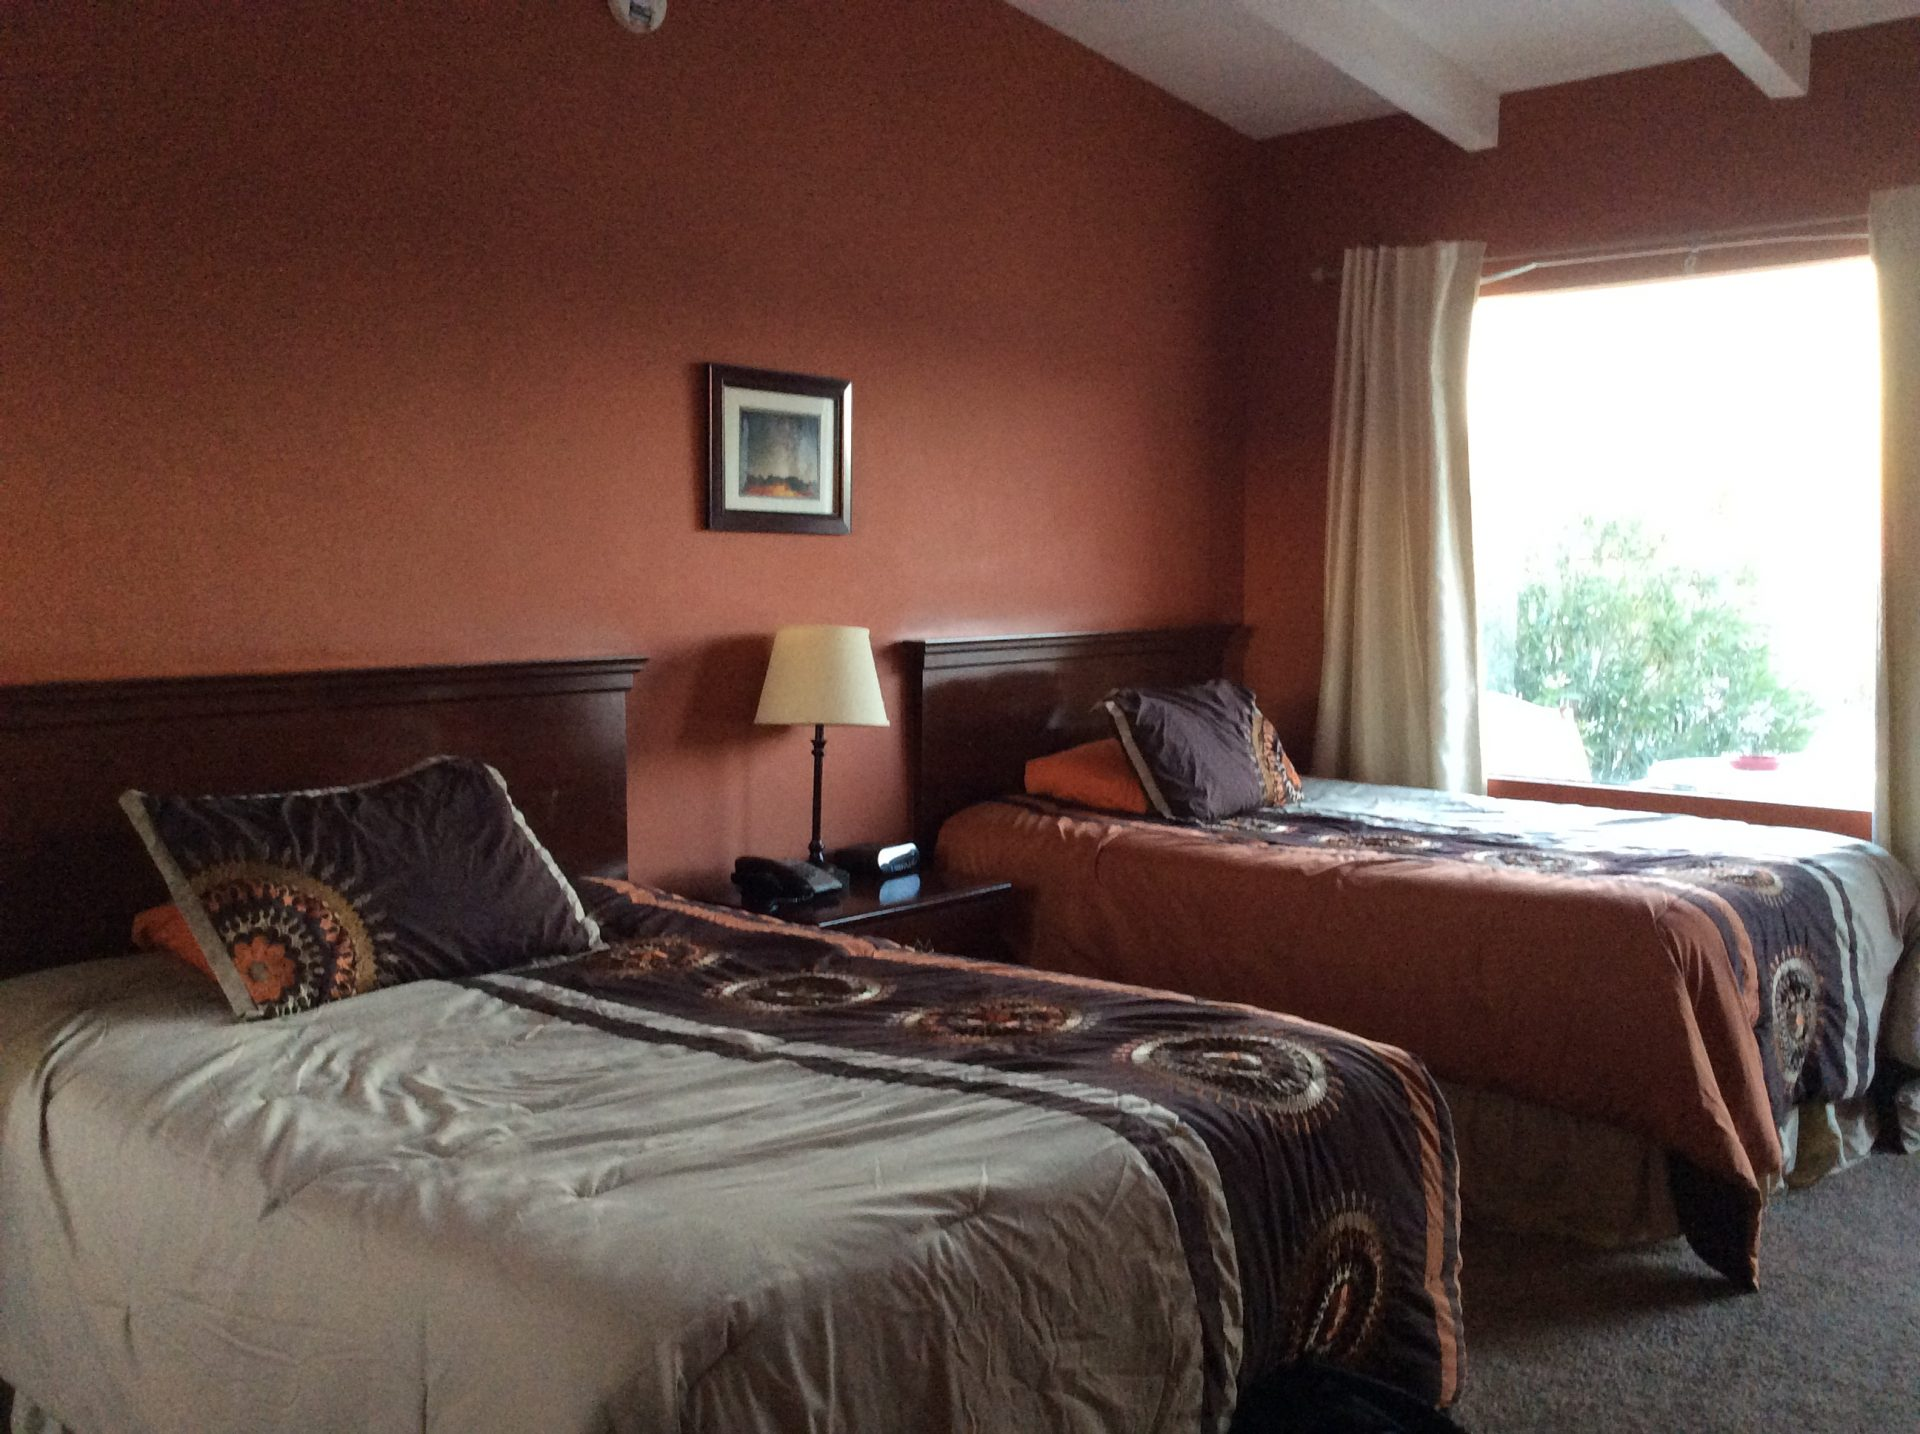 La nostra camera da letto, interno